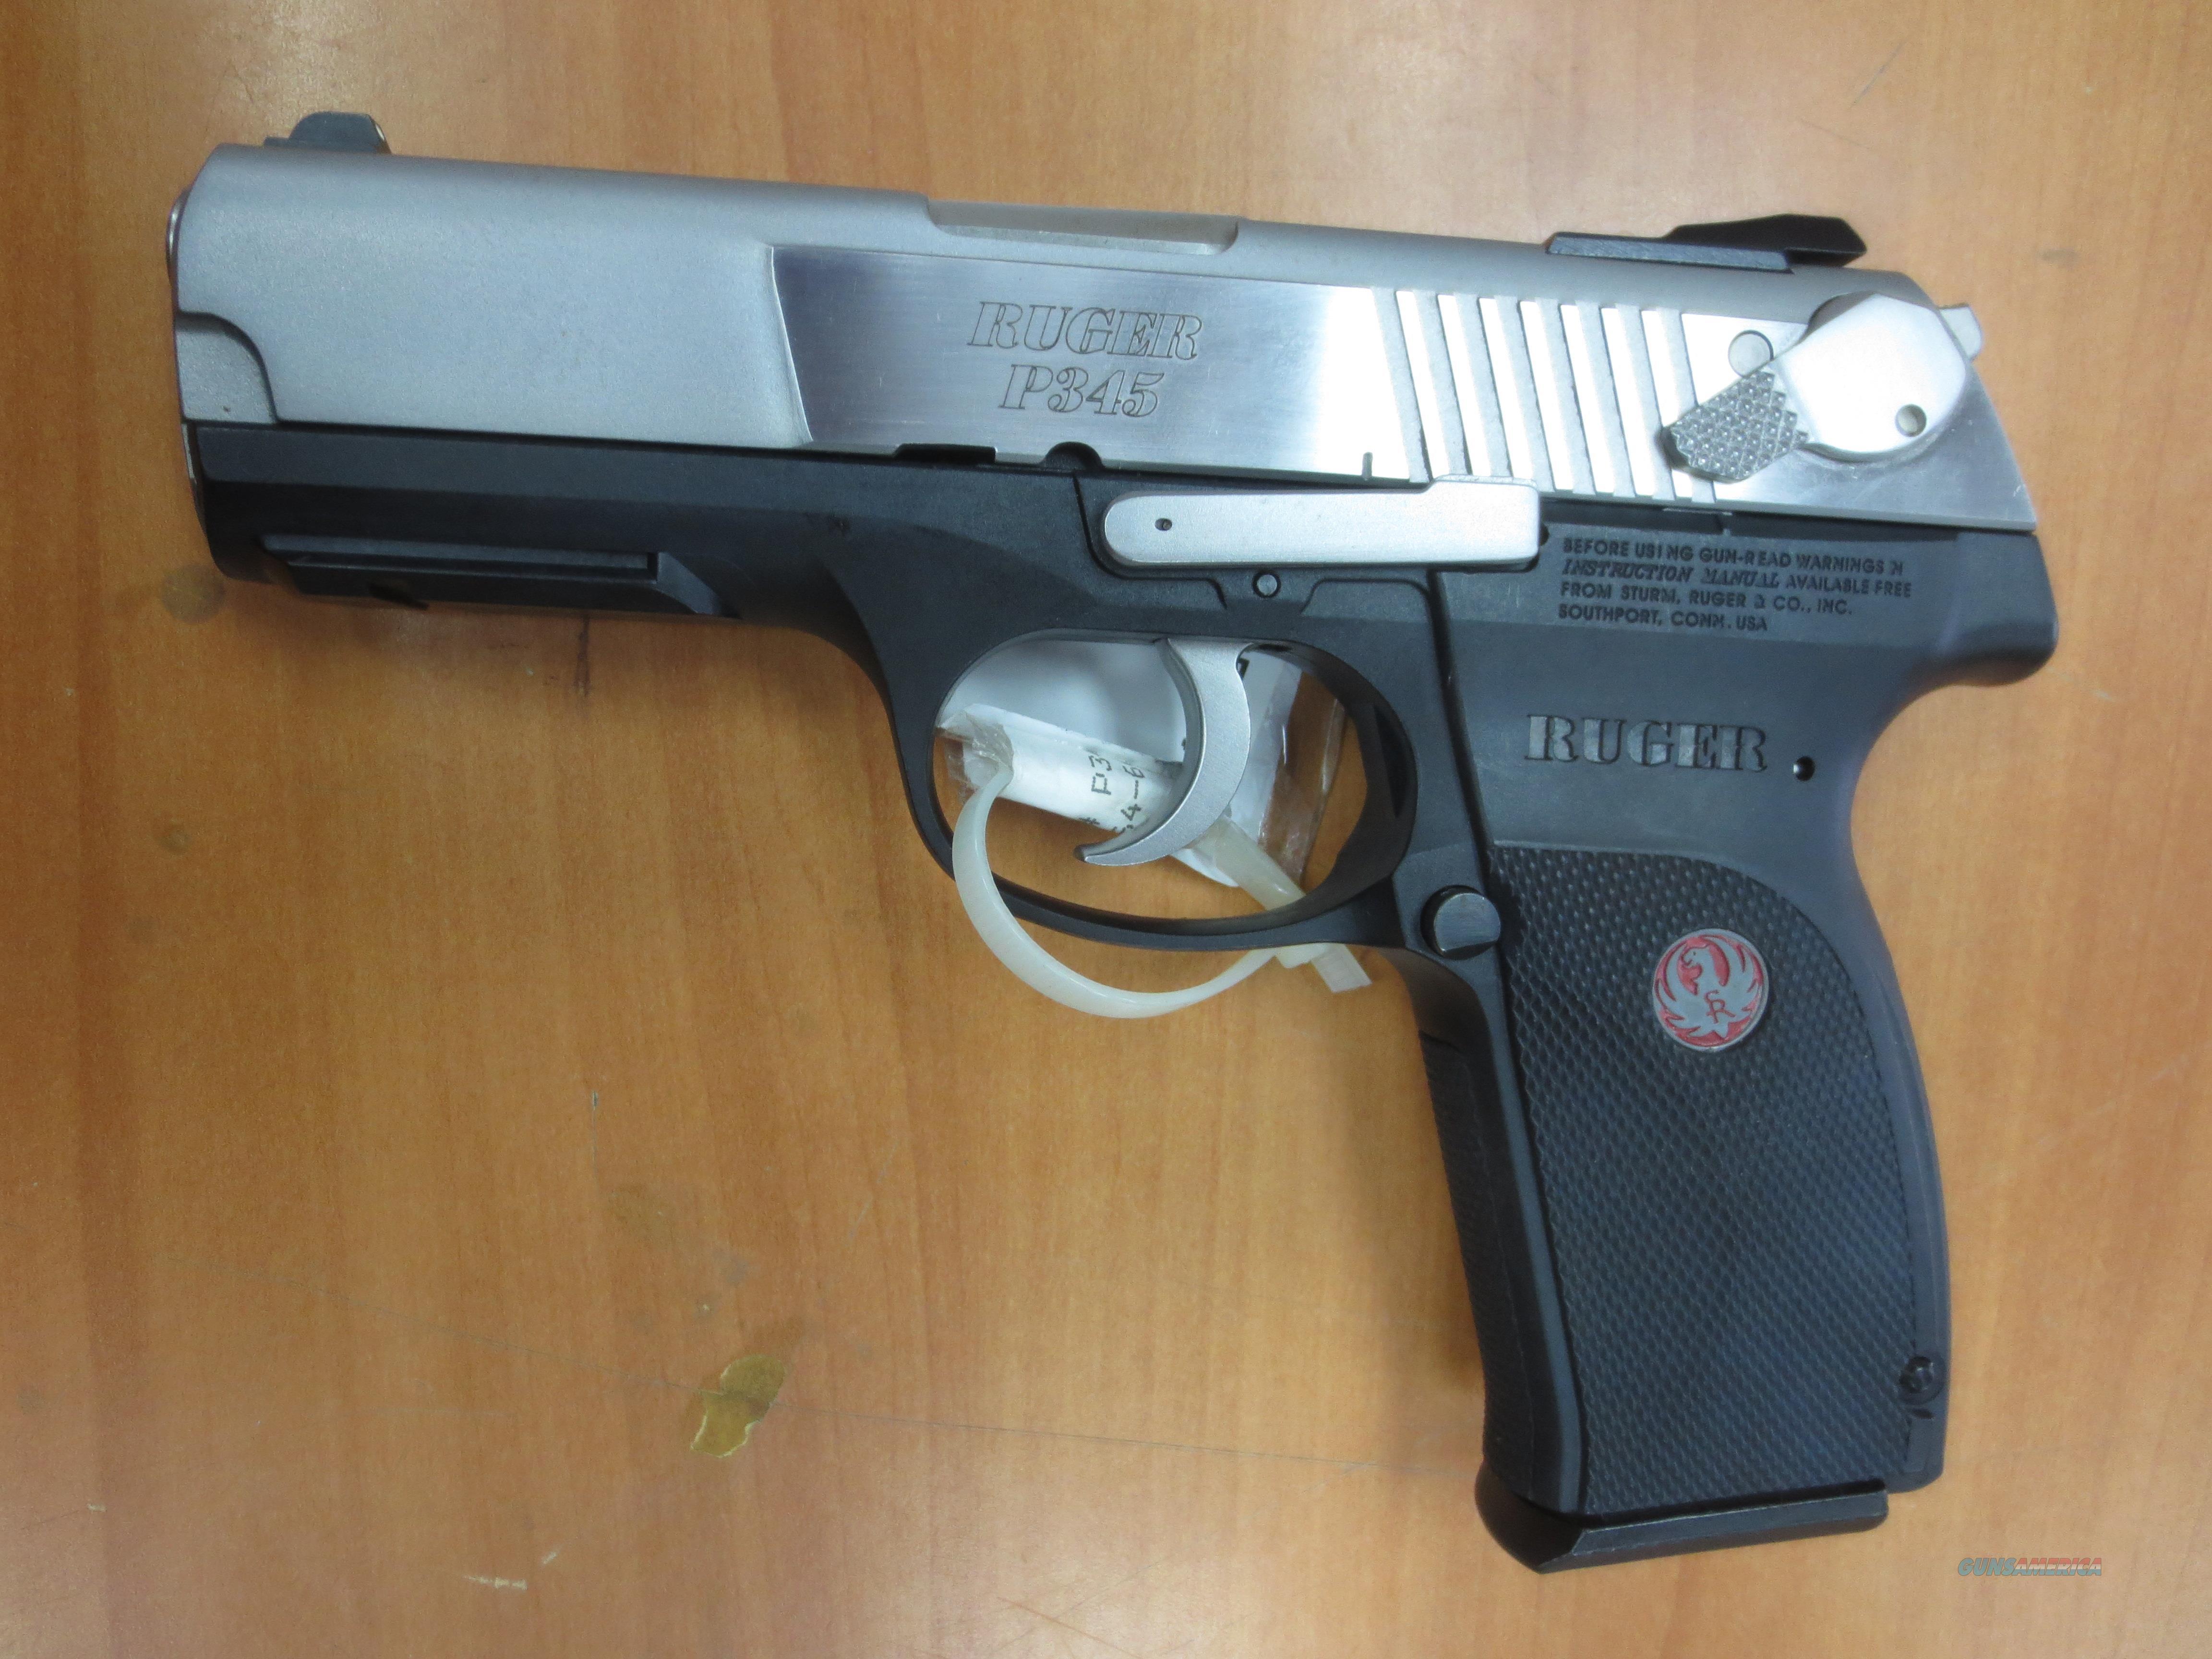 Ruger mod# P345 .45 acp cal semi-auto pistol   Guns > Pistols > Ruger Semi-Auto Pistols > P-Series